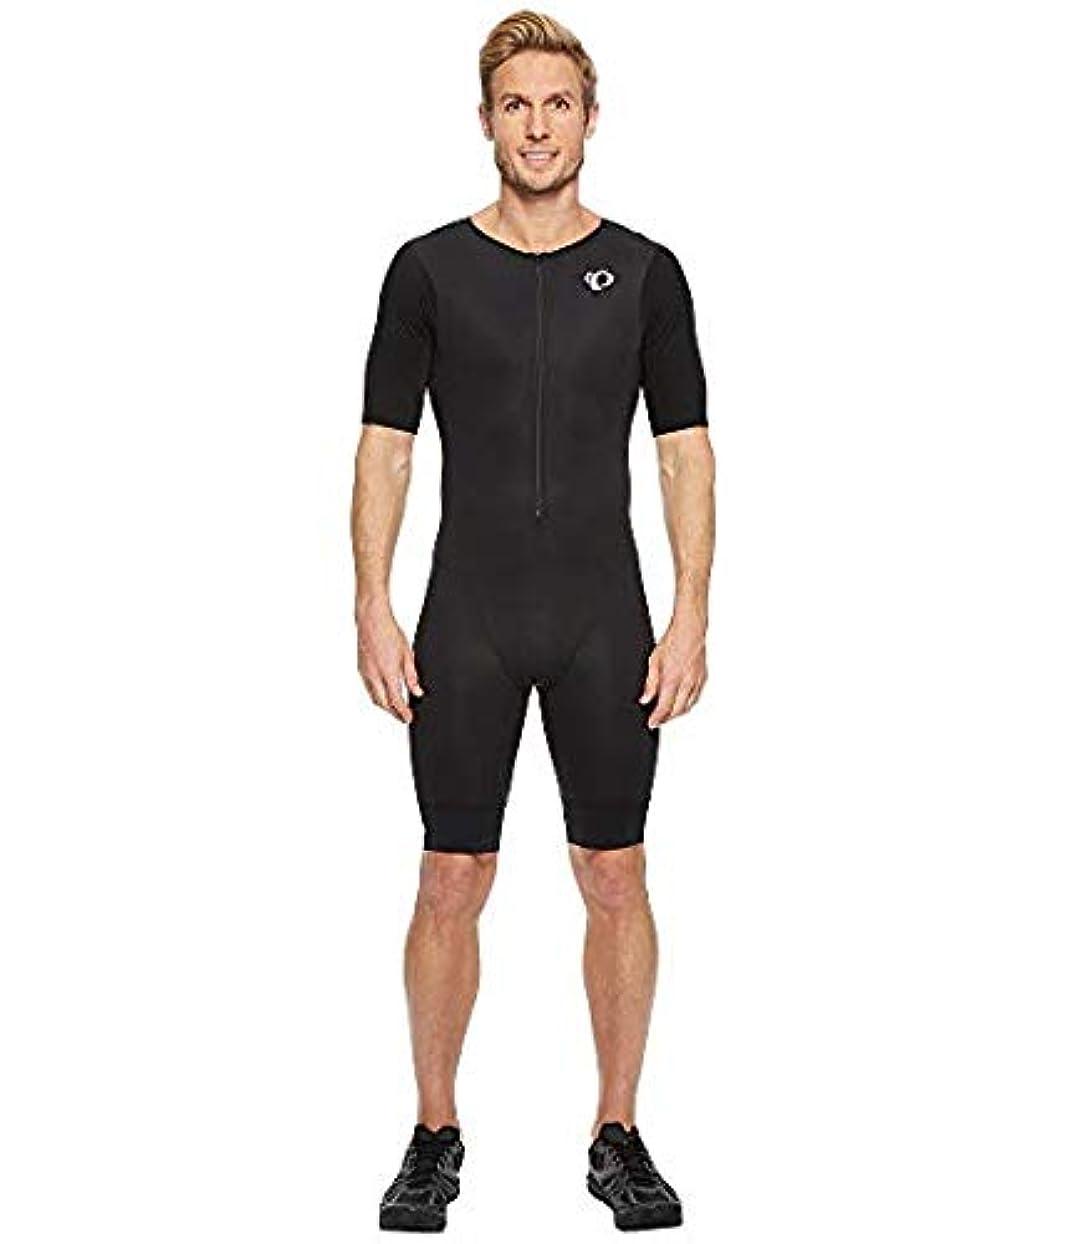 品揃え自分のために無礼に[PEARL IZUMI(パールイズミ)] メンズウェア?ジャケット等 Elite Pursuit Tri Speed Suit Black US MD (M) [並行輸入品]